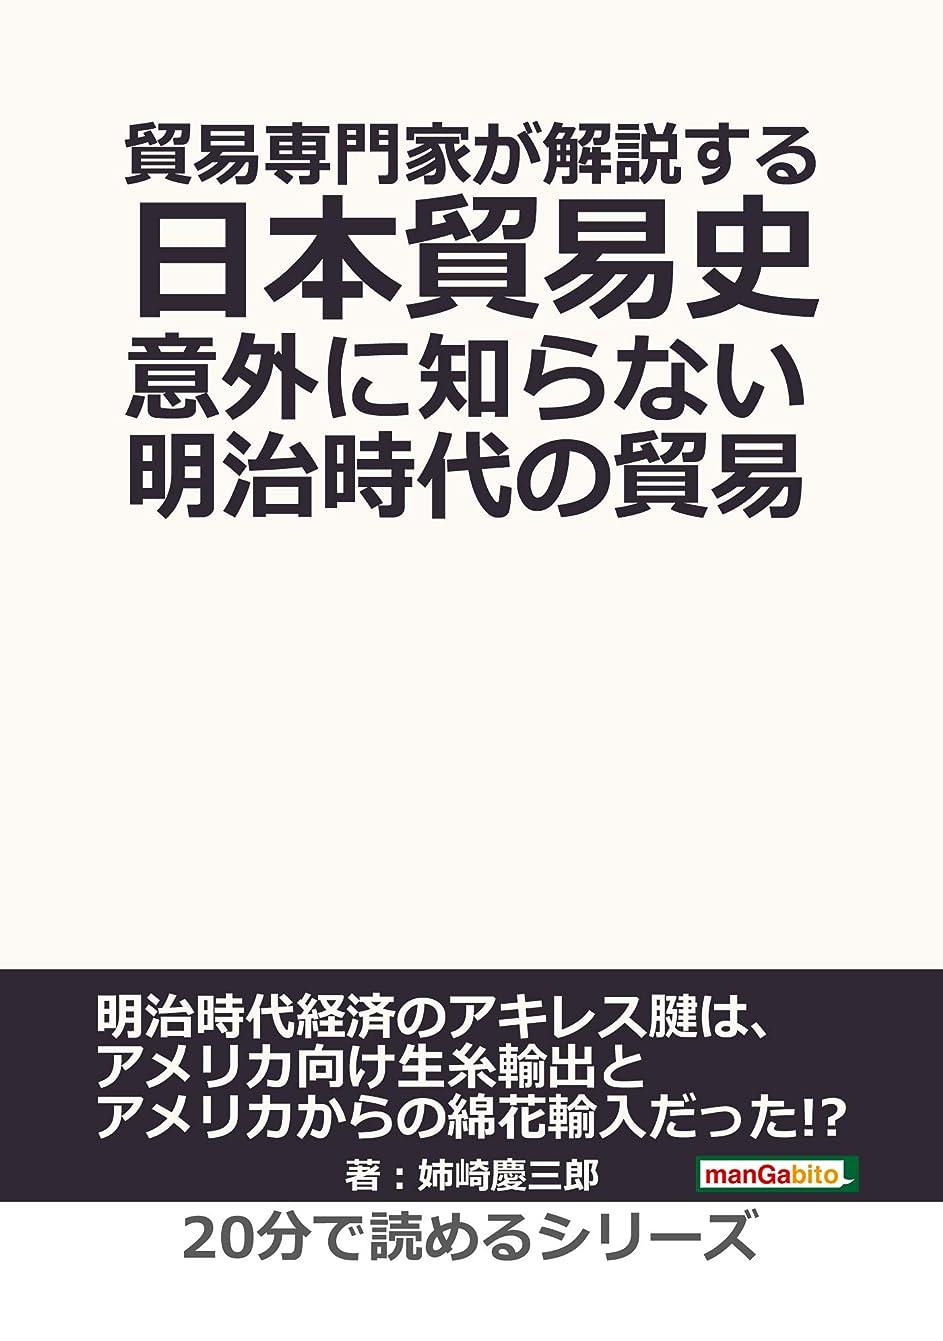 羽悪化させる会員貿易専門家が解説する日本貿易史。意外に知らない明治時代の貿易。20分で読めるシリーズ